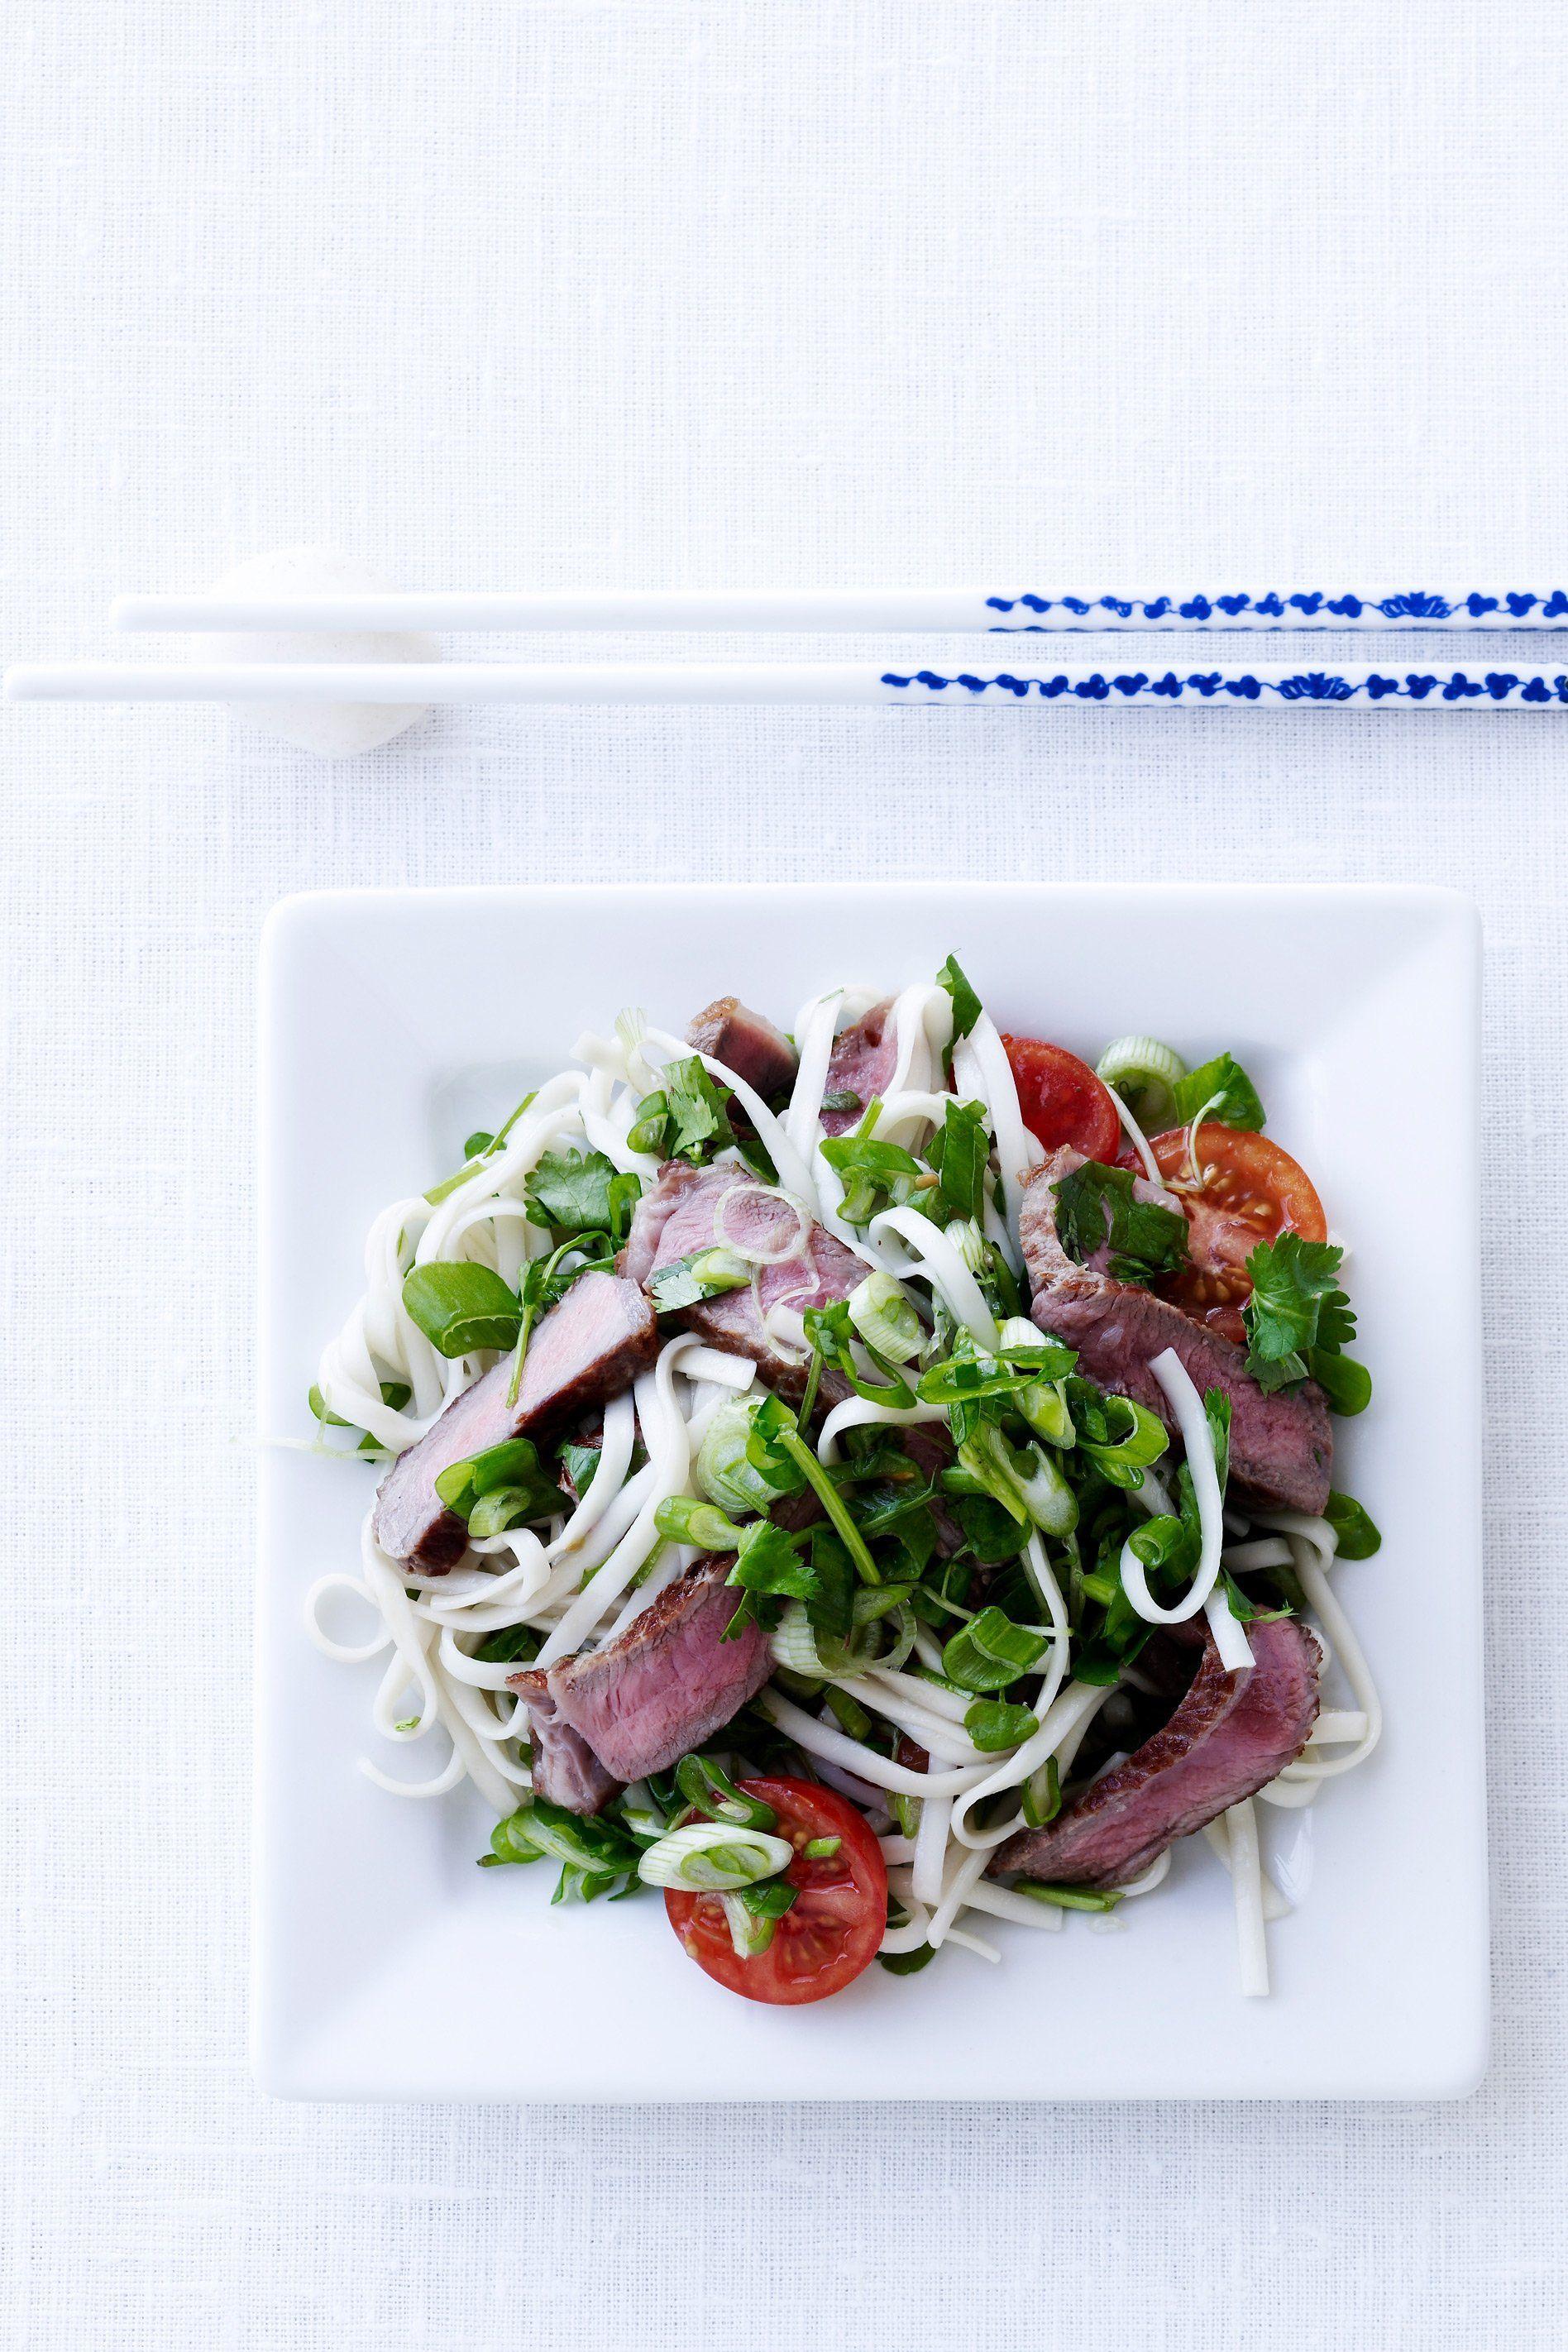 Nudelsalat med oksekød SlankeDoktor.dk  En lækker asiatisk inspireret og mættende middagssalat med oksebøffer og friske urter.